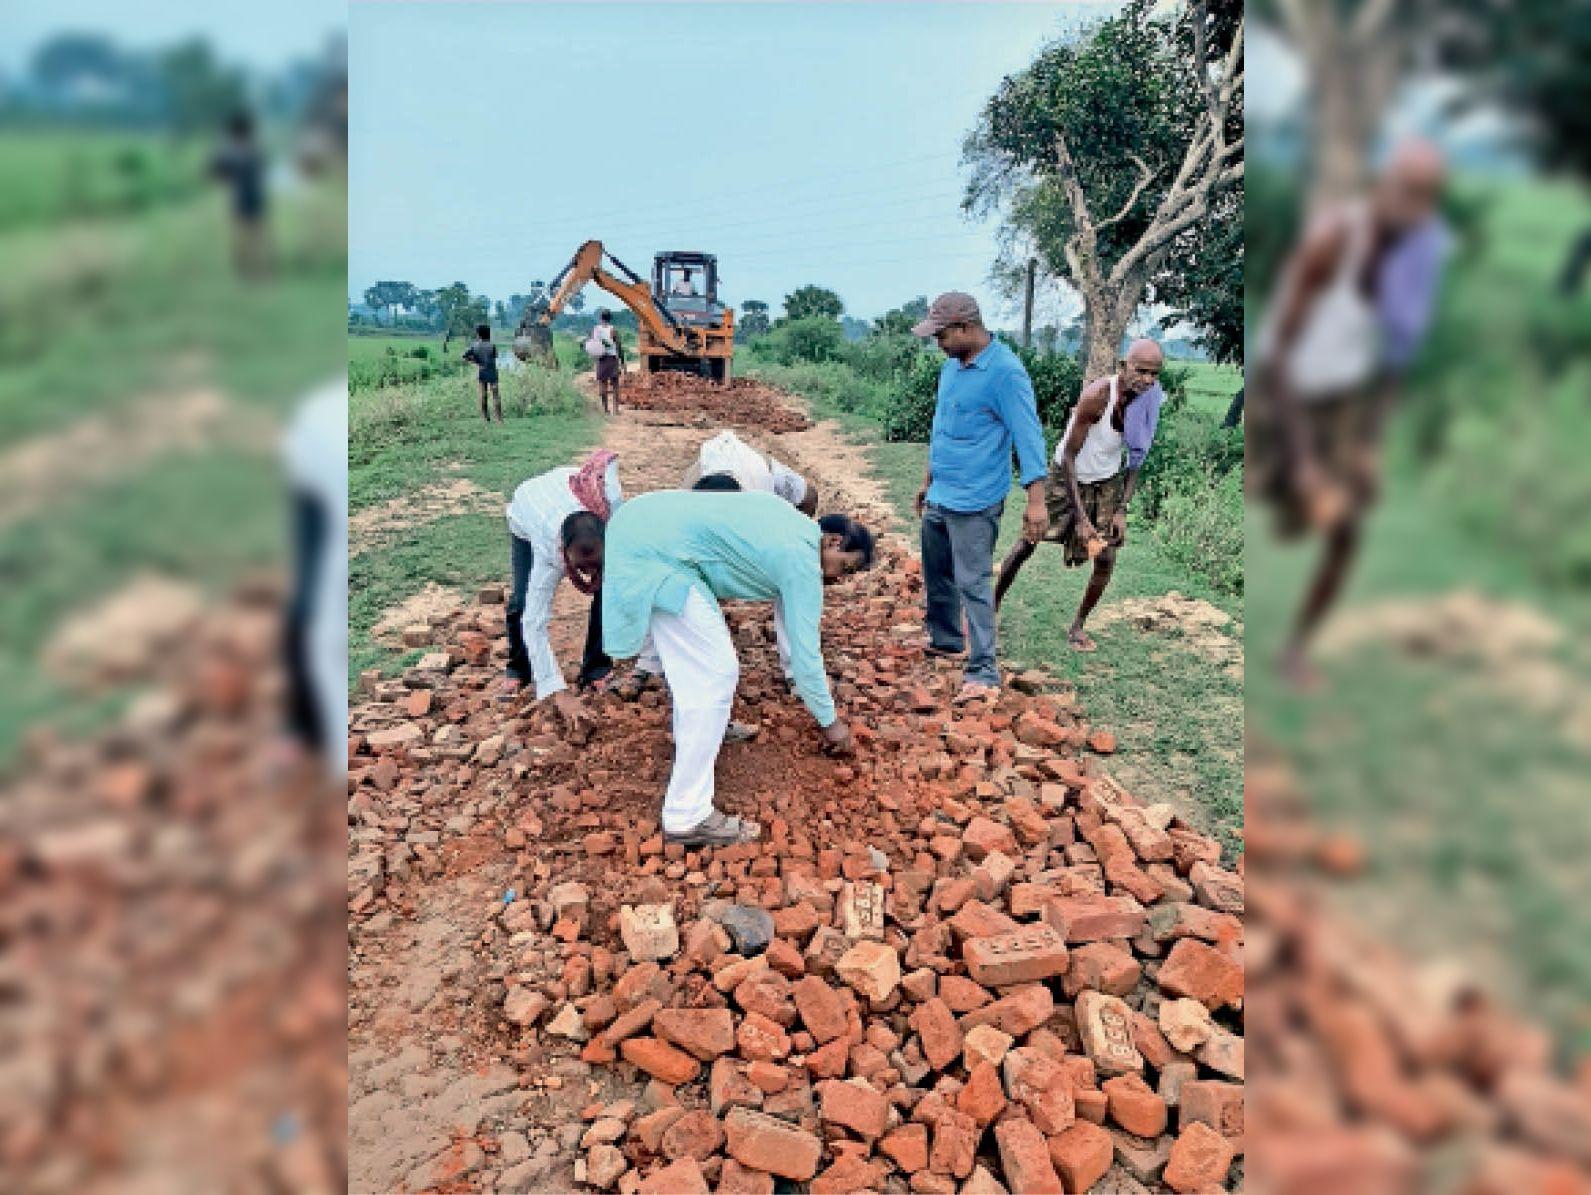 जनप्रतिनिधियों की उदासीनता के बाद श्रमदान कर सड़क बनाते ग्रामीण। - Dainik Bhaskar